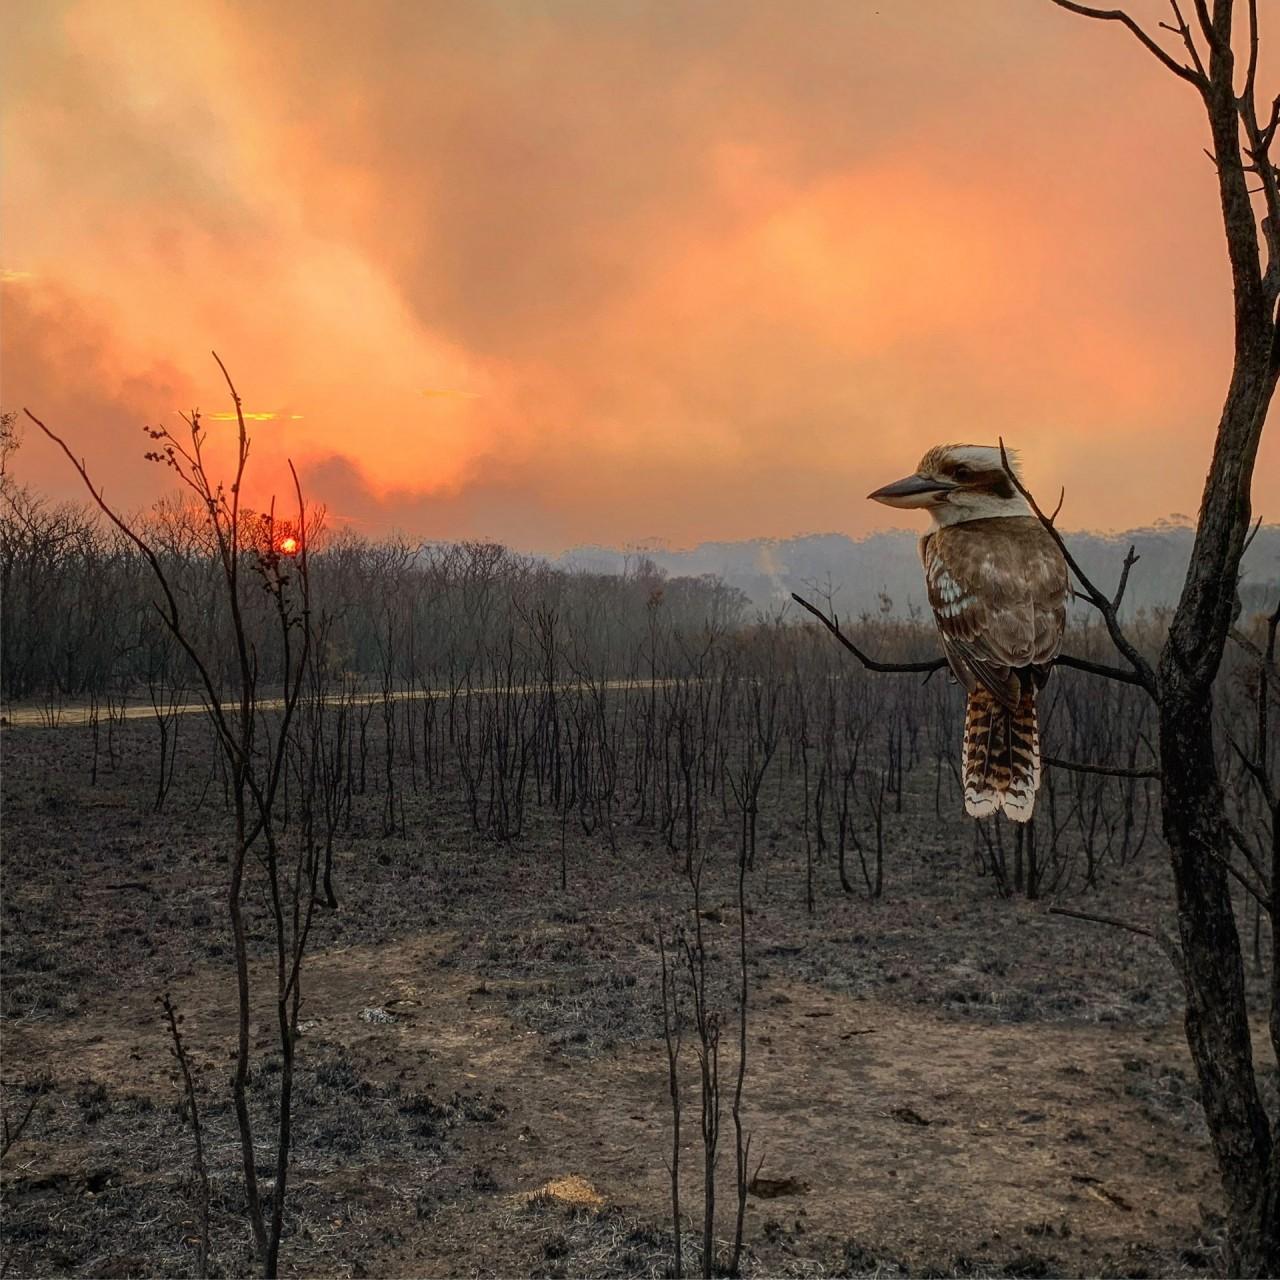 Лауреат категории «Национальная премия», Австралия, 2020. Кукабурра и апокалиптический пейзаж после пожаров в Новом Южном Уэльсе. Автор Адам Стивенсон